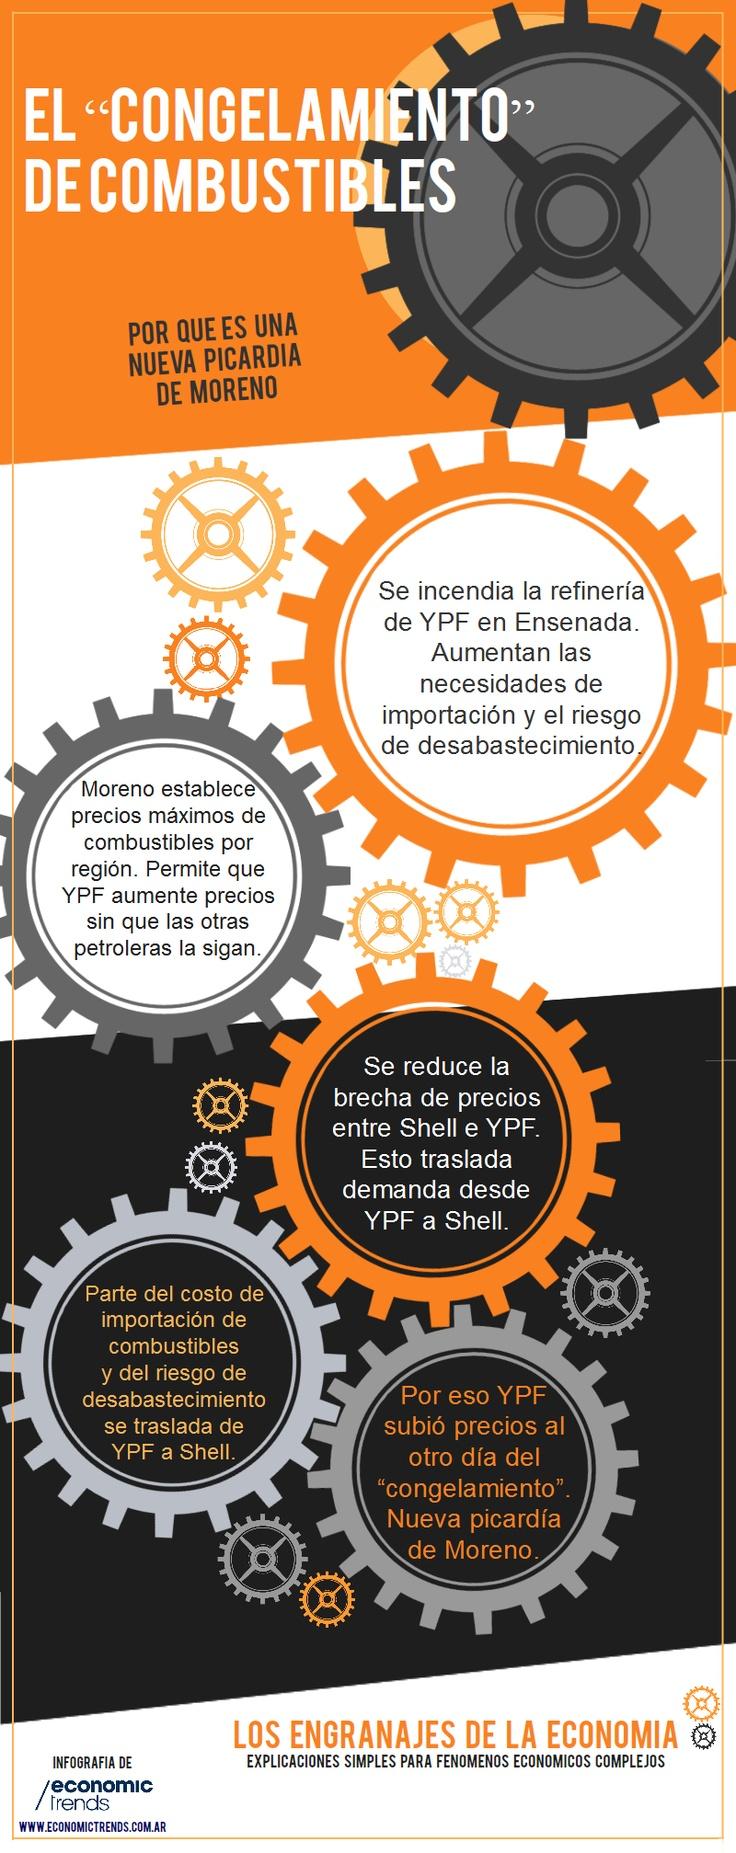 El Congelamiento de Combustibles. Una infografía de Economic Trends. www.economictrends.com.ar